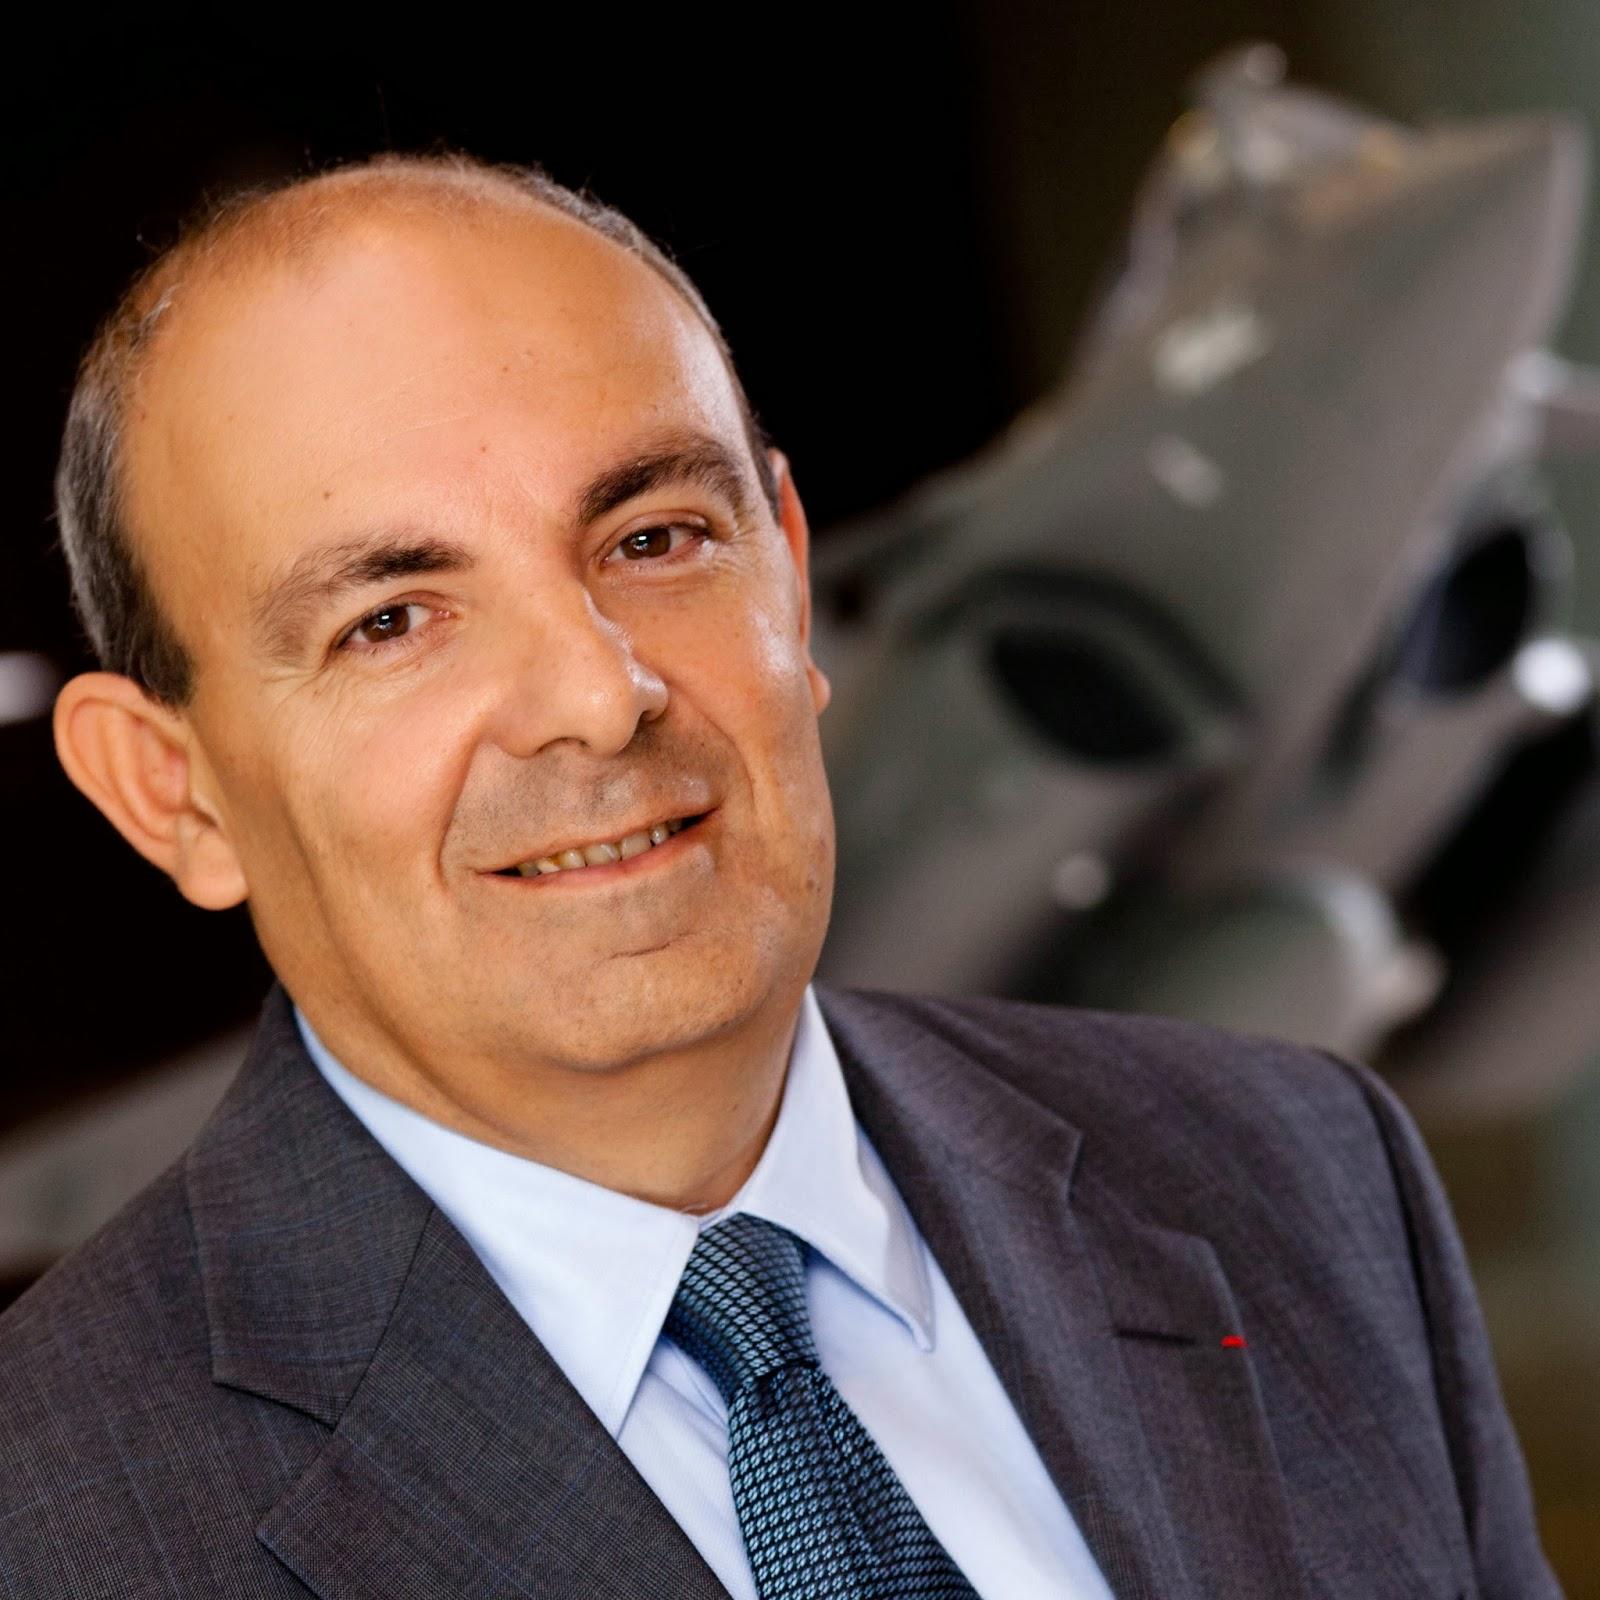 Conférence Dassault Aviation. Résultats 2013 et bonnes perspectives pour 2014